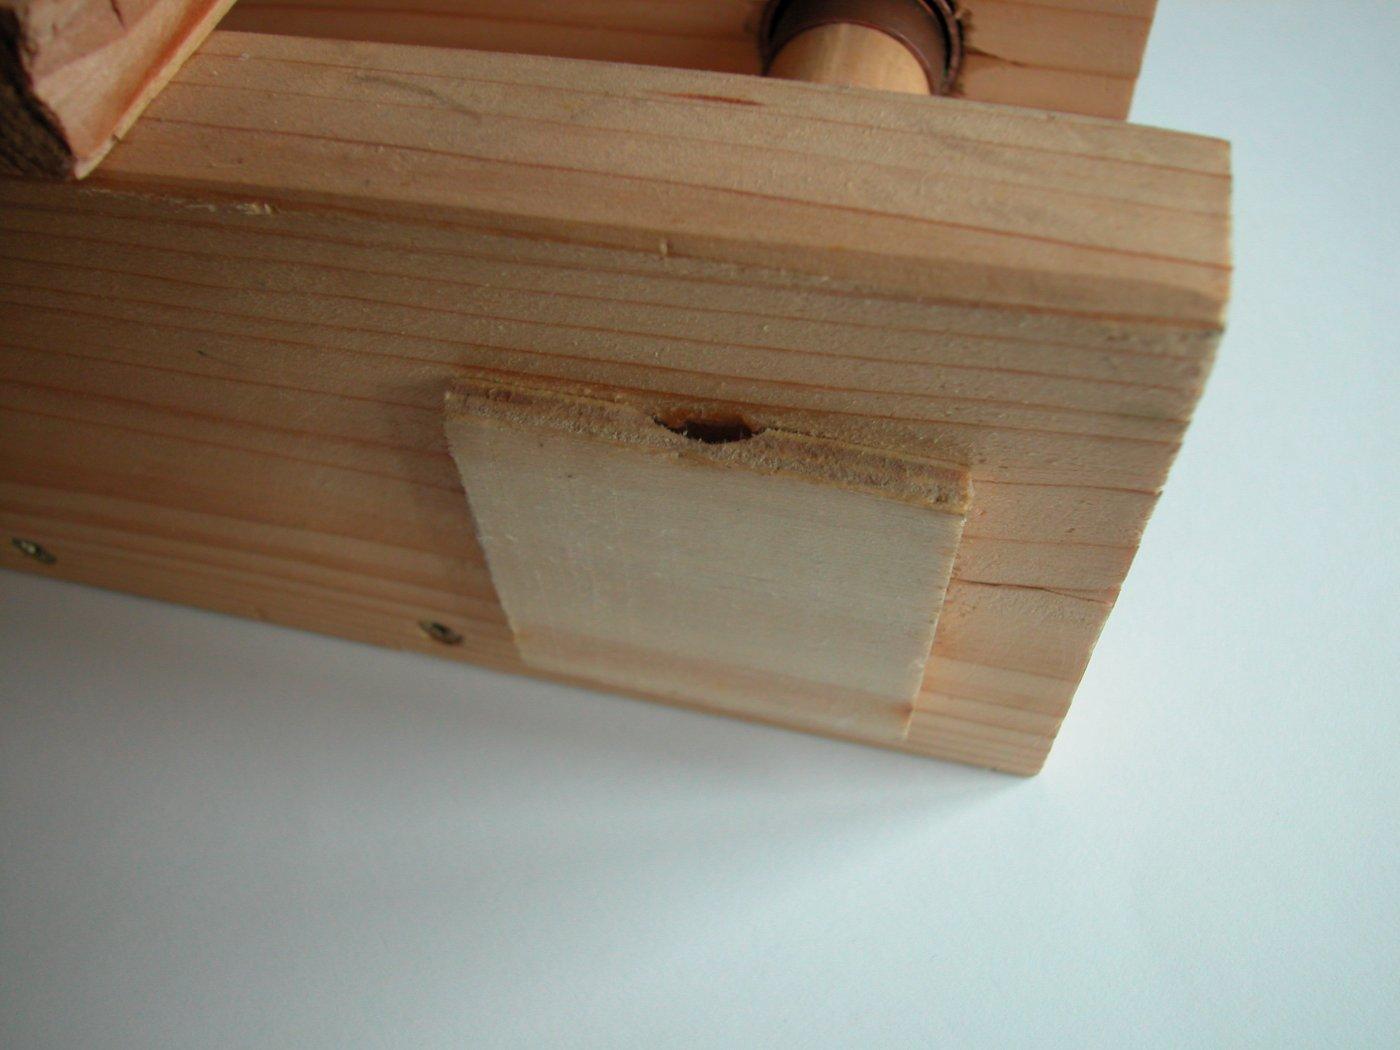 berechnungen zu reibungskoeffiezienten und kraftaufwand. Black Bedroom Furniture Sets. Home Design Ideas